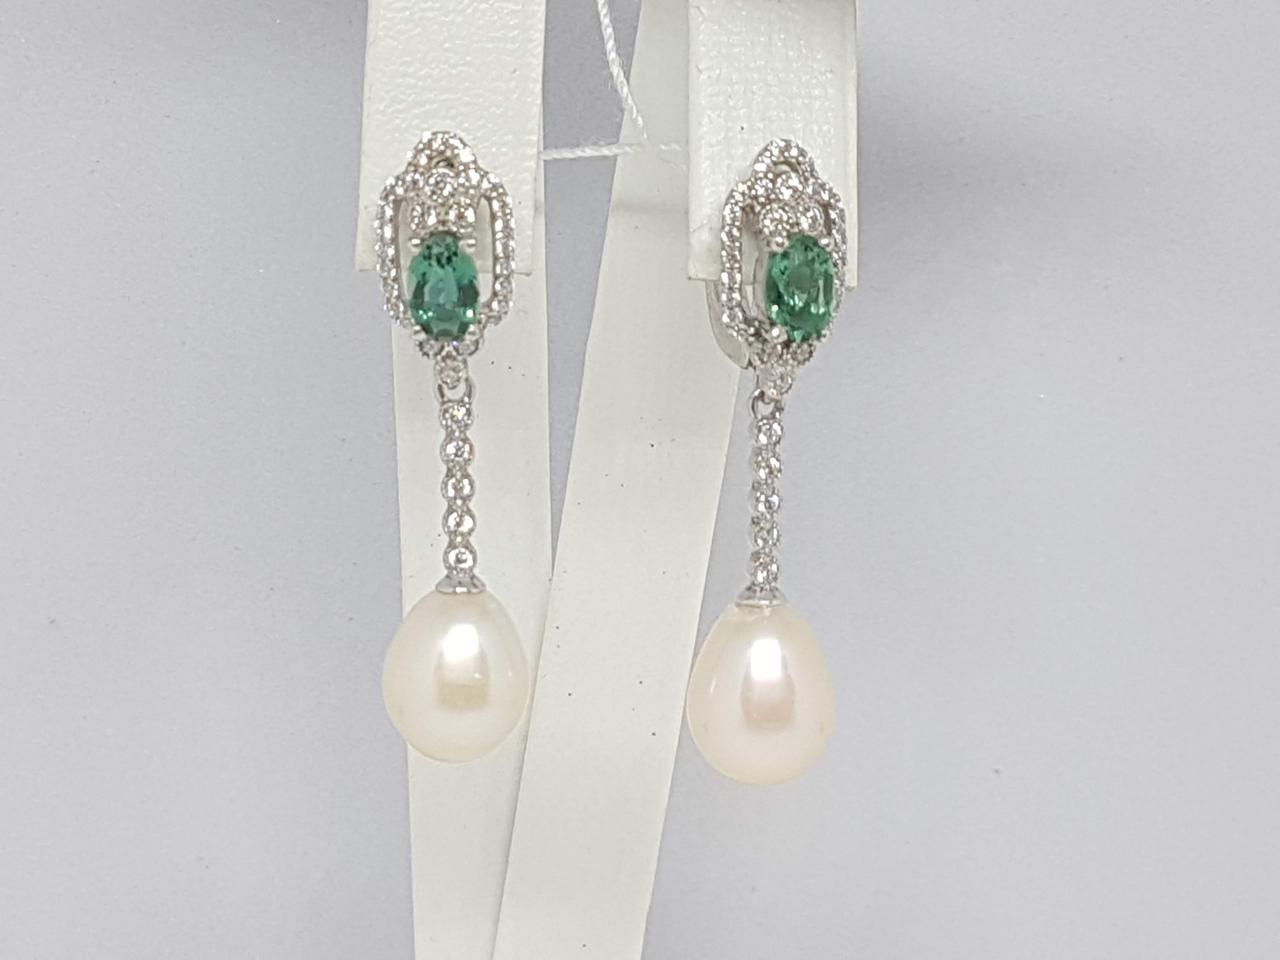 Серебряные серьги ДИОНА с жемчугом и зеленым кварцем. Артикул 2985/9Р-PWTQG